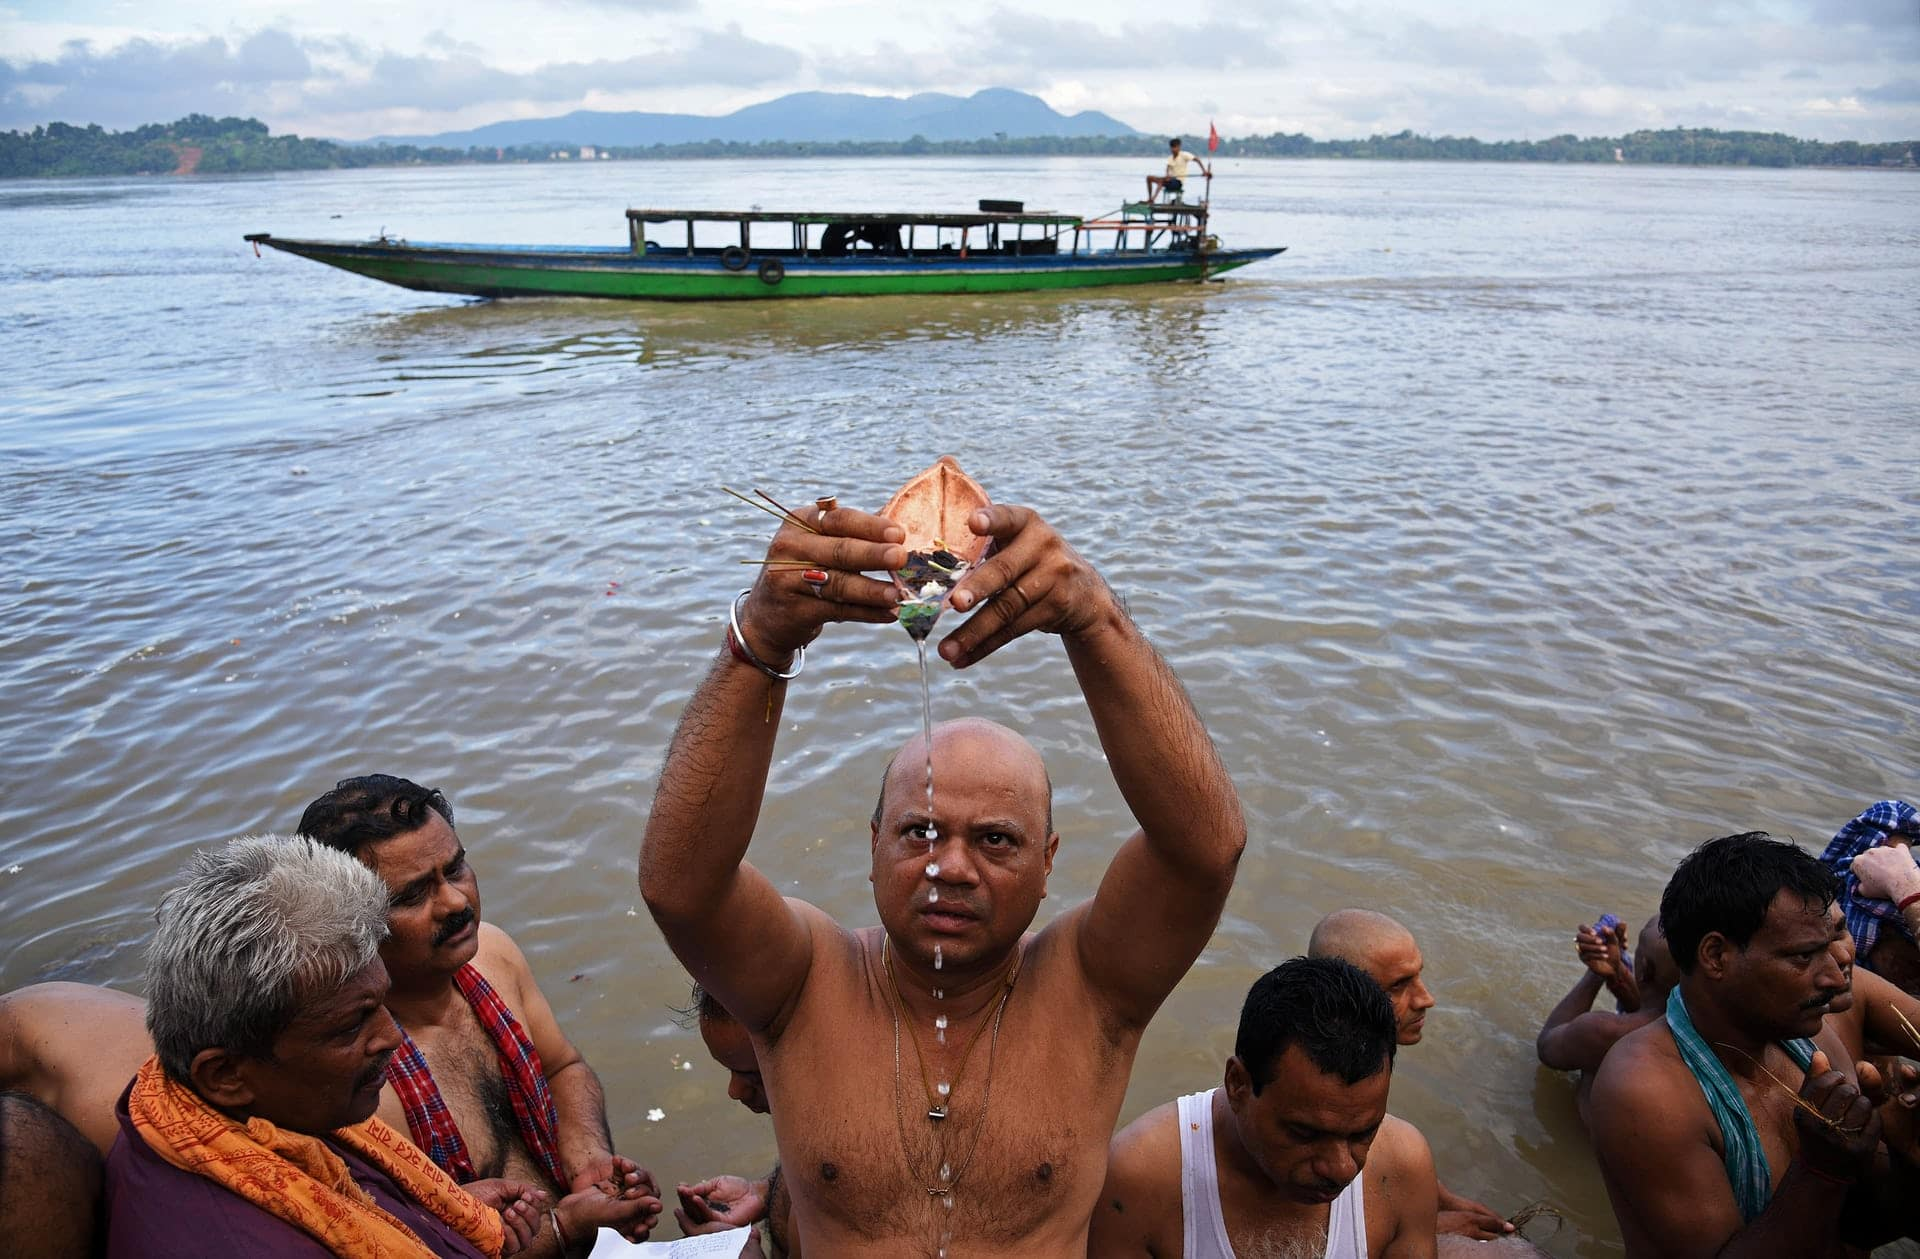 Alcuni devoti induisti durante la cerimonia di Tarpana, un rito religioso tenuto sul fiume Brahmaputra, a Guwahati, in India, in onore delle anime dei cari defunti